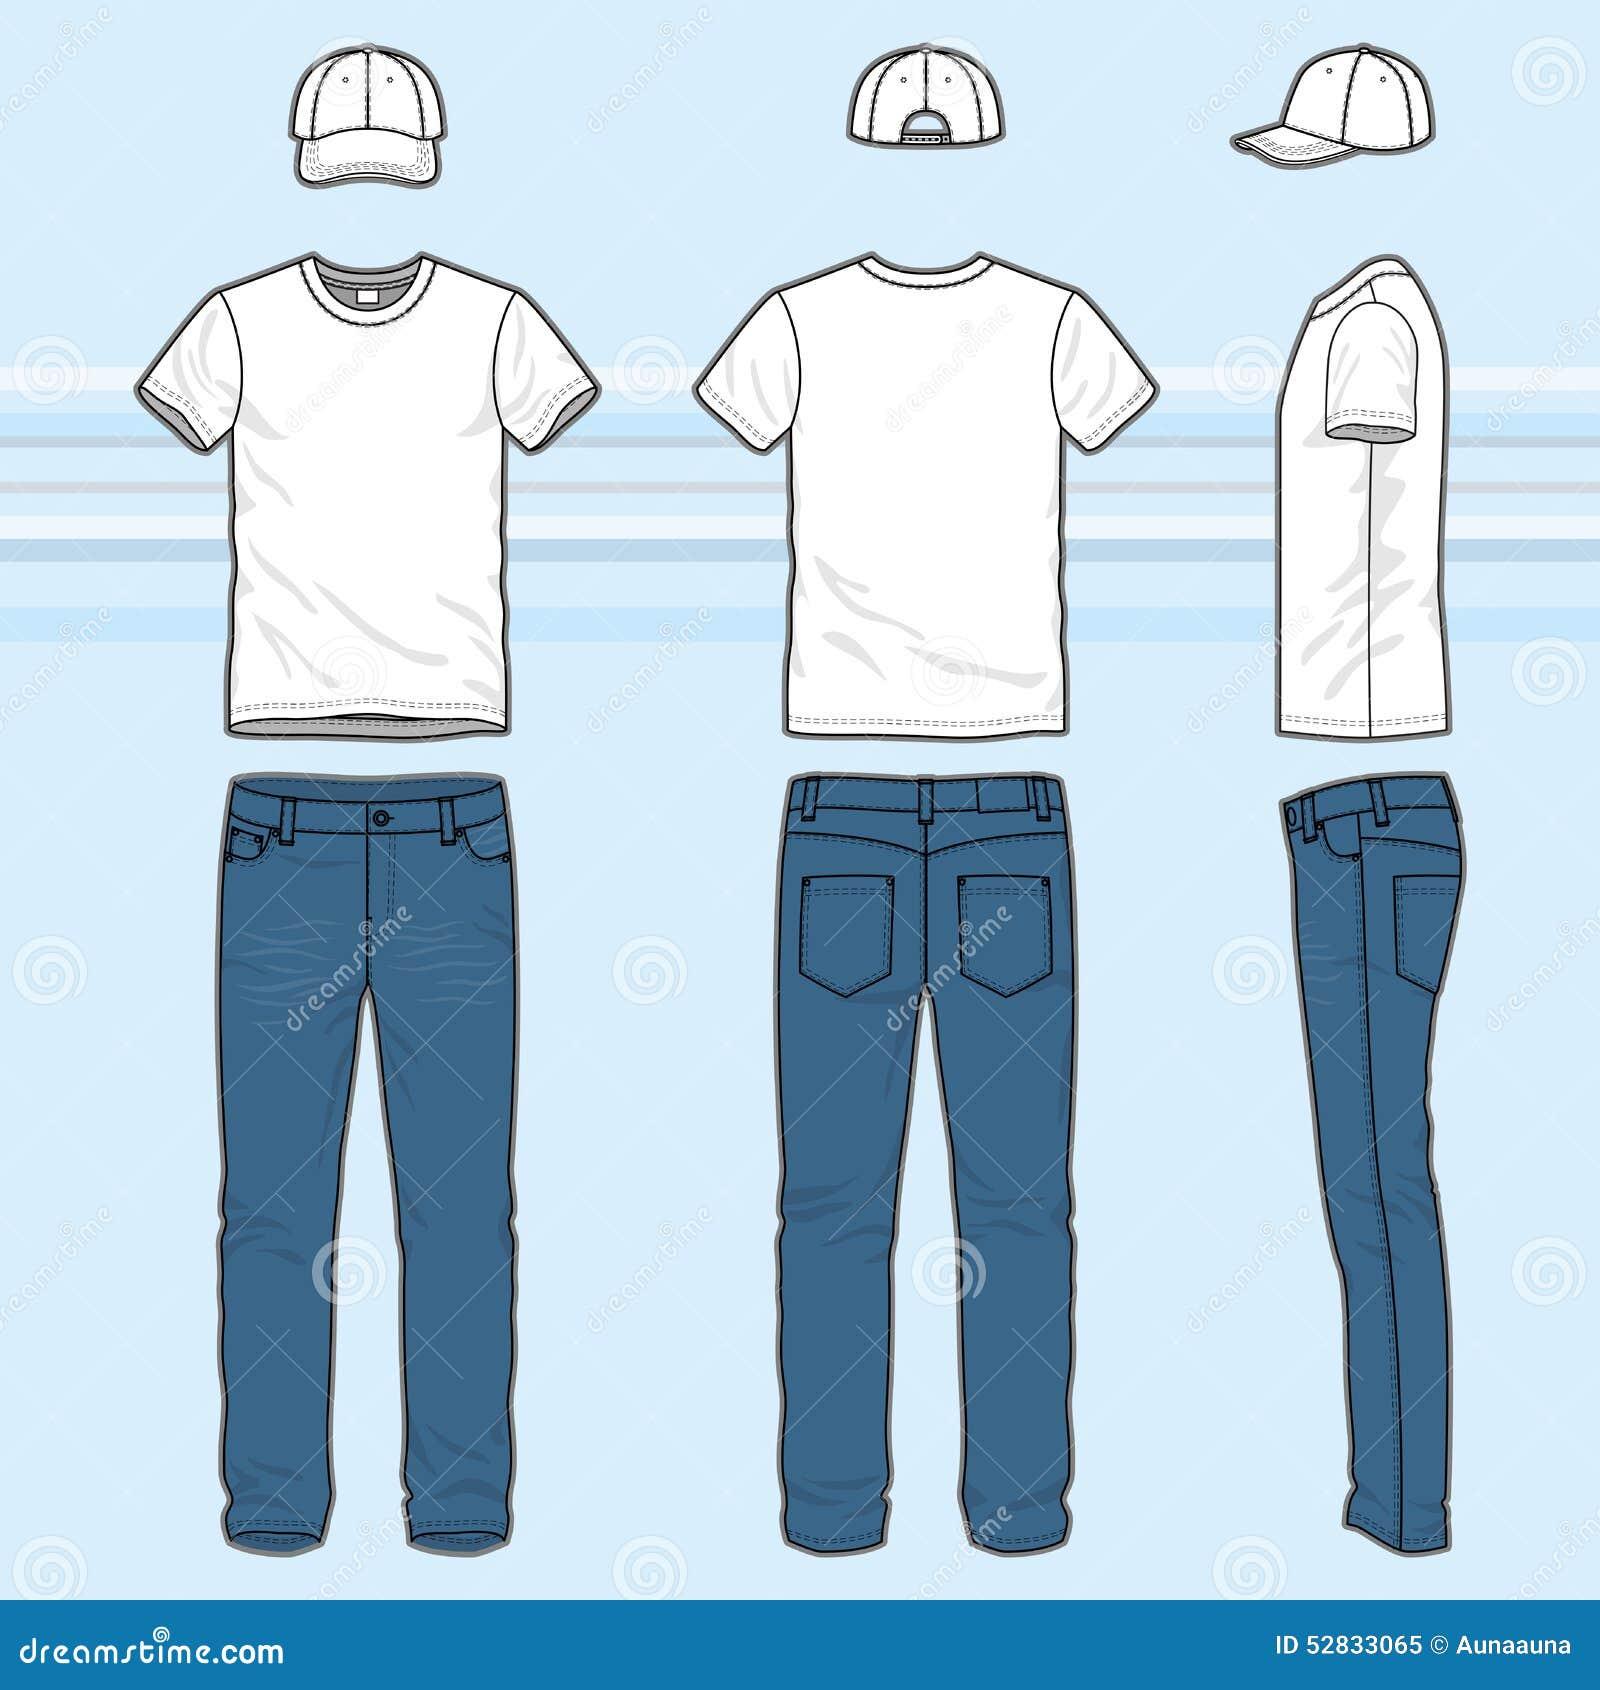 502b0478c Afronte, traseras y laterales las vistas del sistema de la ropa de los hombres  Plantillas en blanco de la camiseta, del casquillo y de los vaqueros Estilo  ...